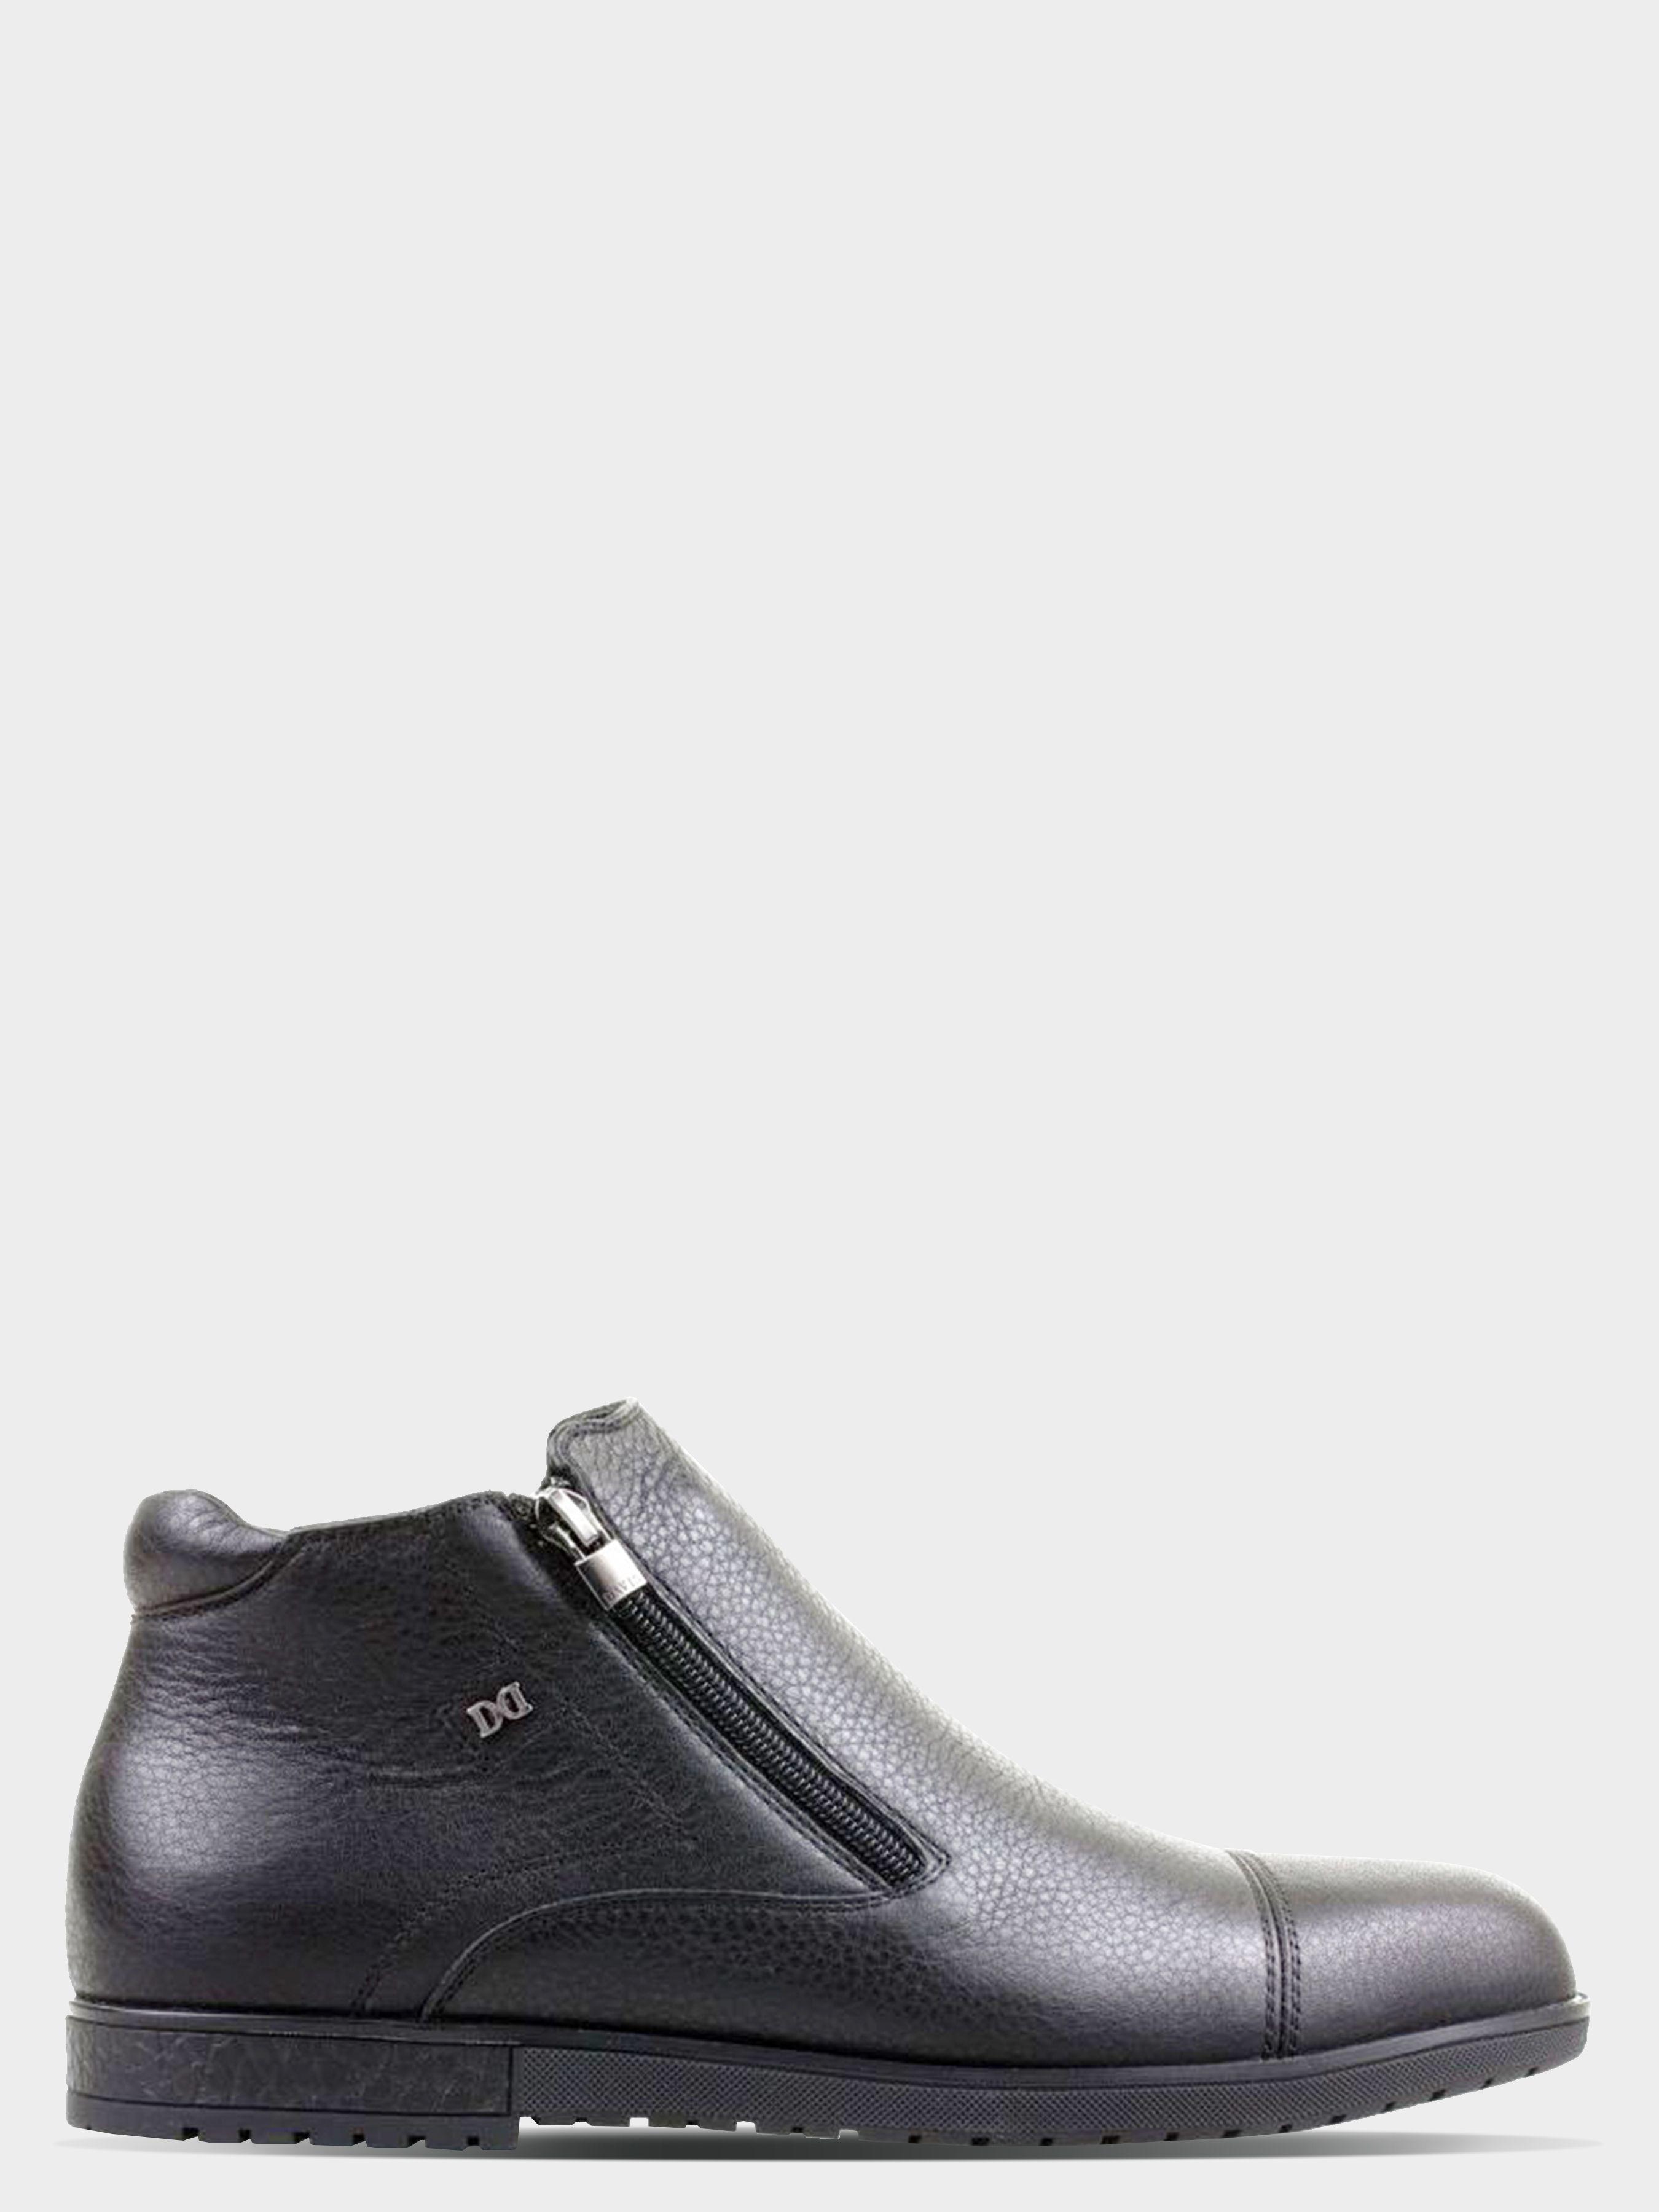 Купить Ботинки мужские Davis dynamic shoes 9O5, Черный